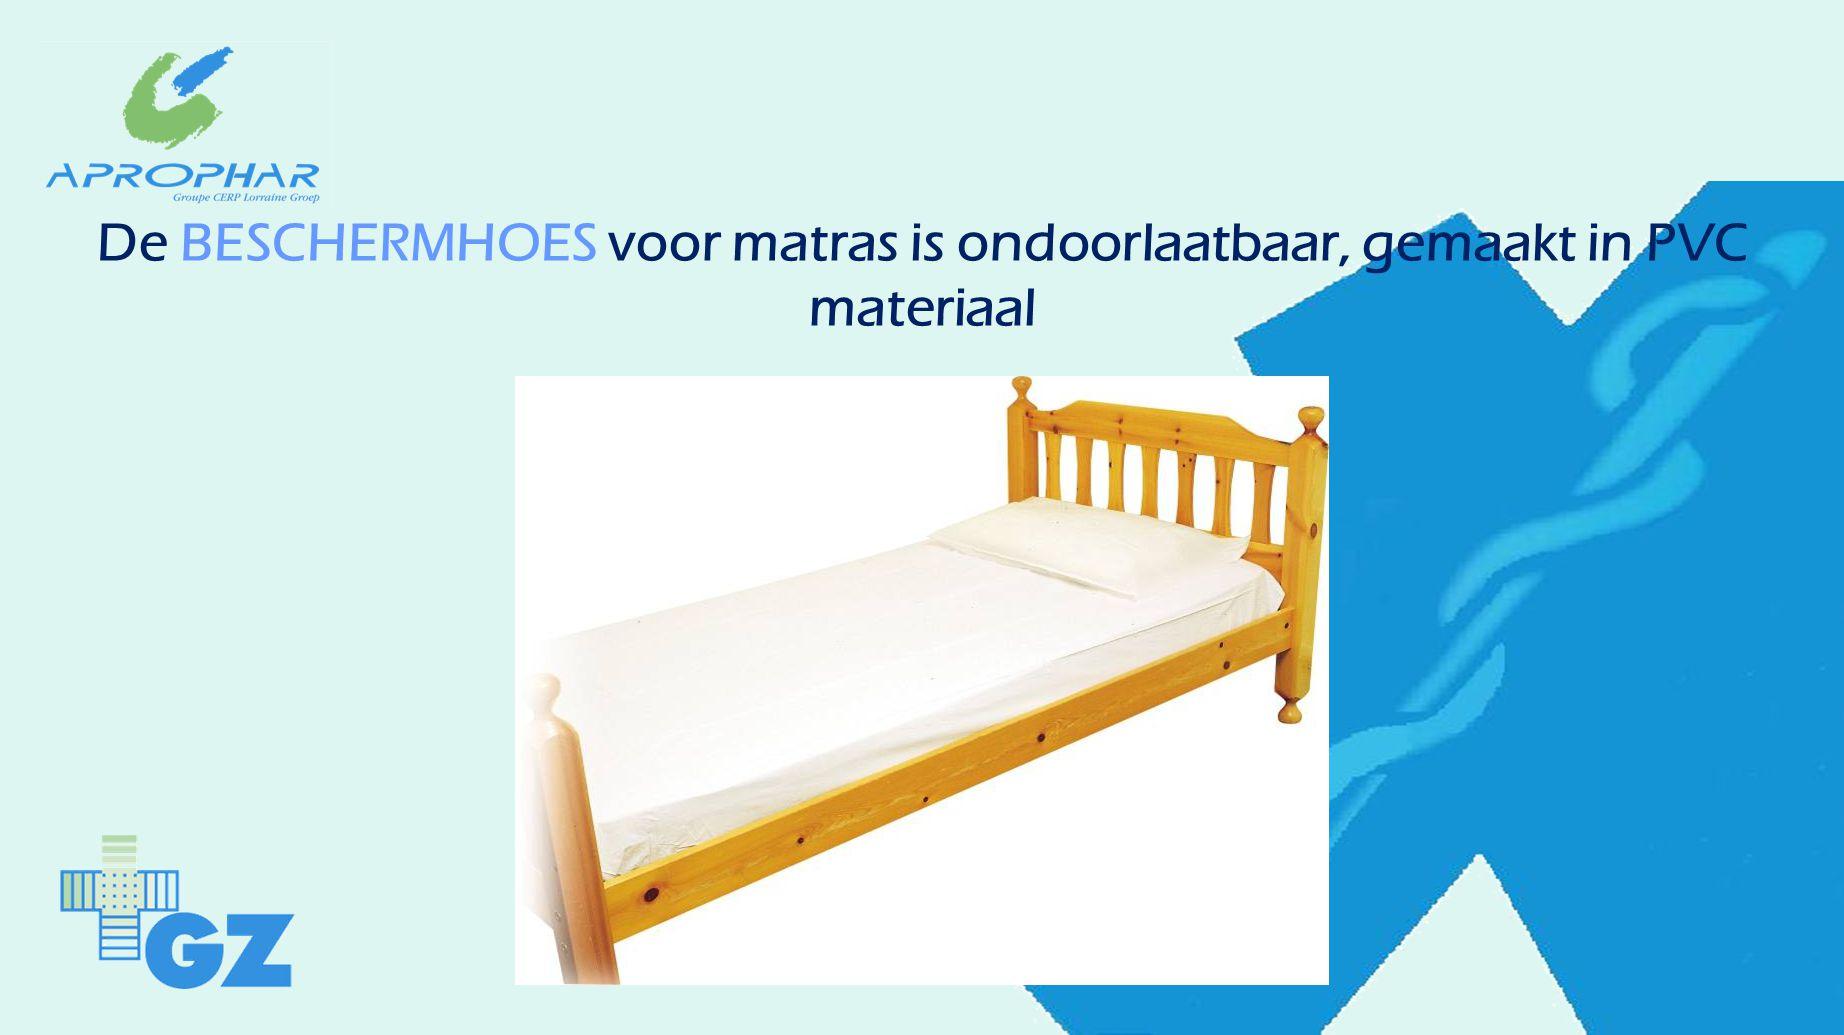 De BESCHERMHOES voor matras is ondoorlaatbaar, gemaakt in PVC materiaal